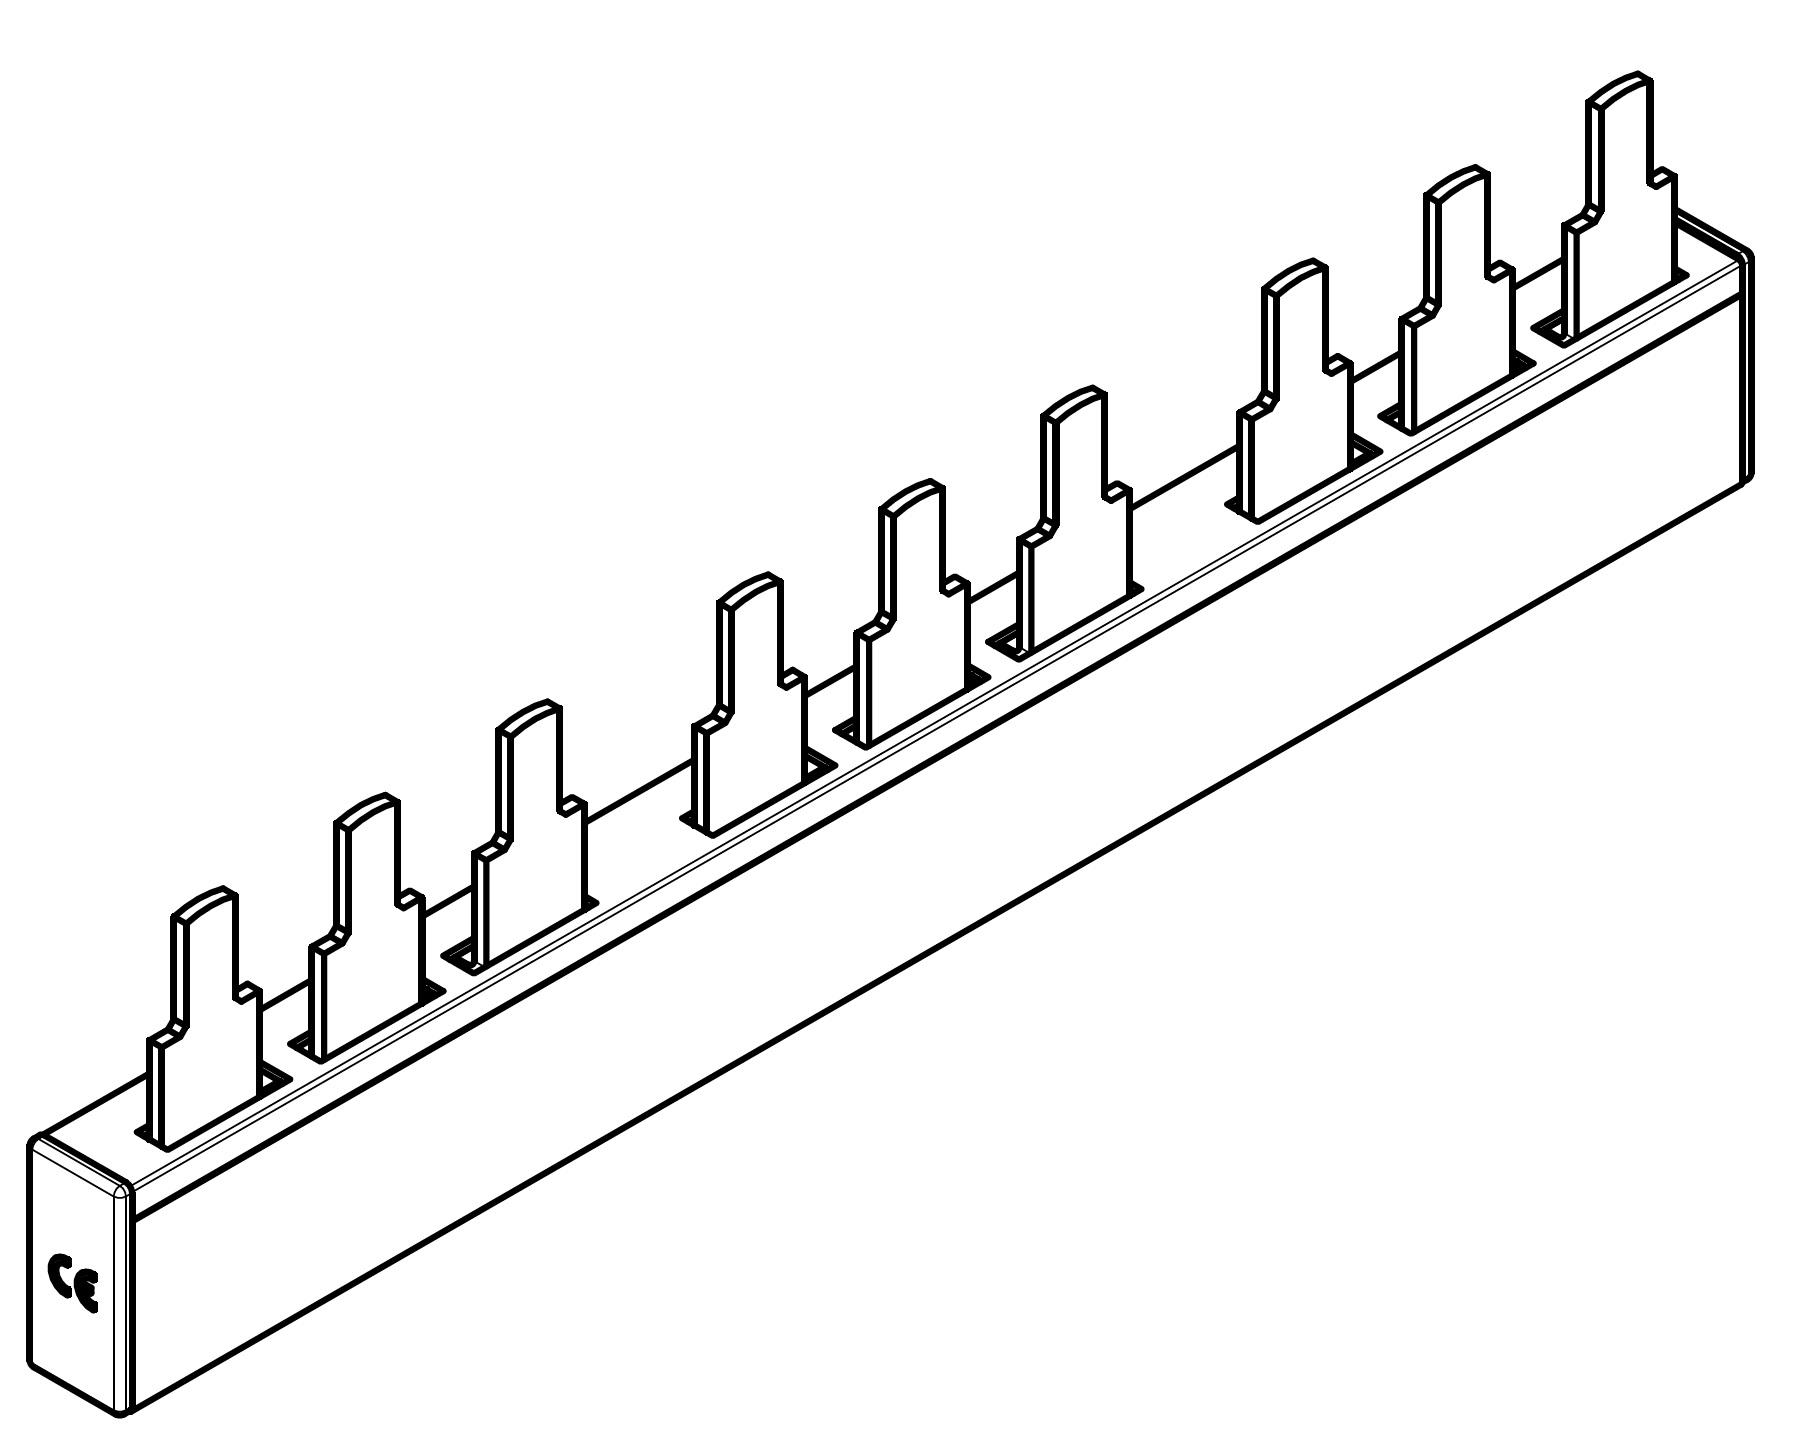 1 Stk ARROW II 000-NH-Trenner-Verschienung 3-fach BS900193-A